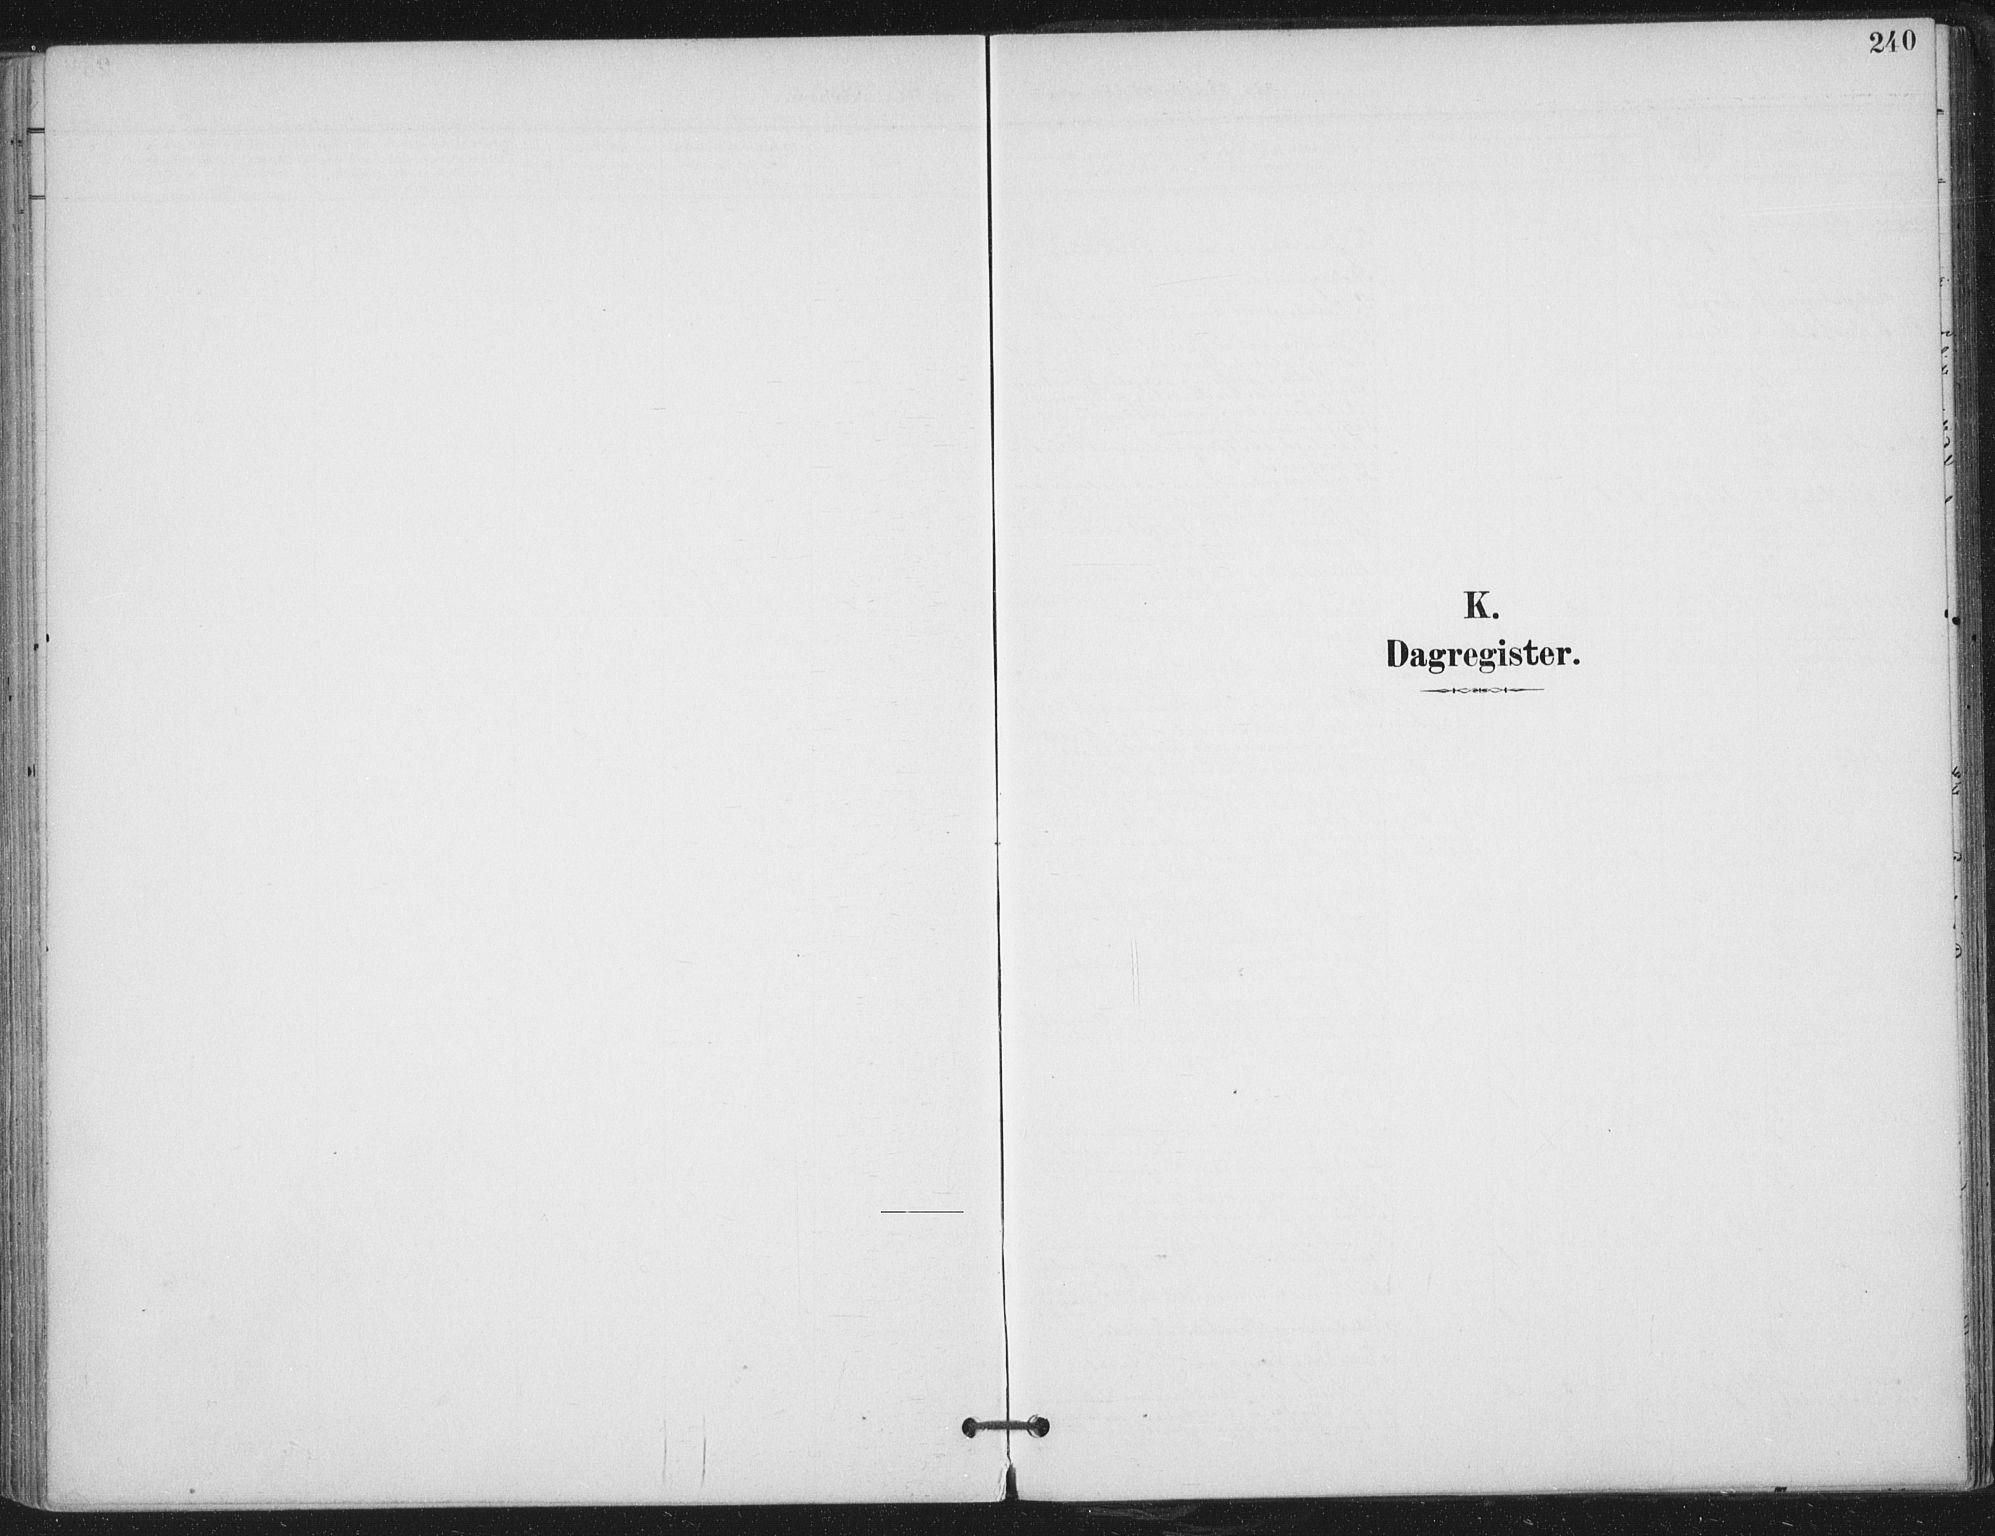 SAT, Ministerialprotokoller, klokkerbøker og fødselsregistre - Nord-Trøndelag, 703/L0031: Parish register (official) no. 703A04, 1893-1914, p. 240